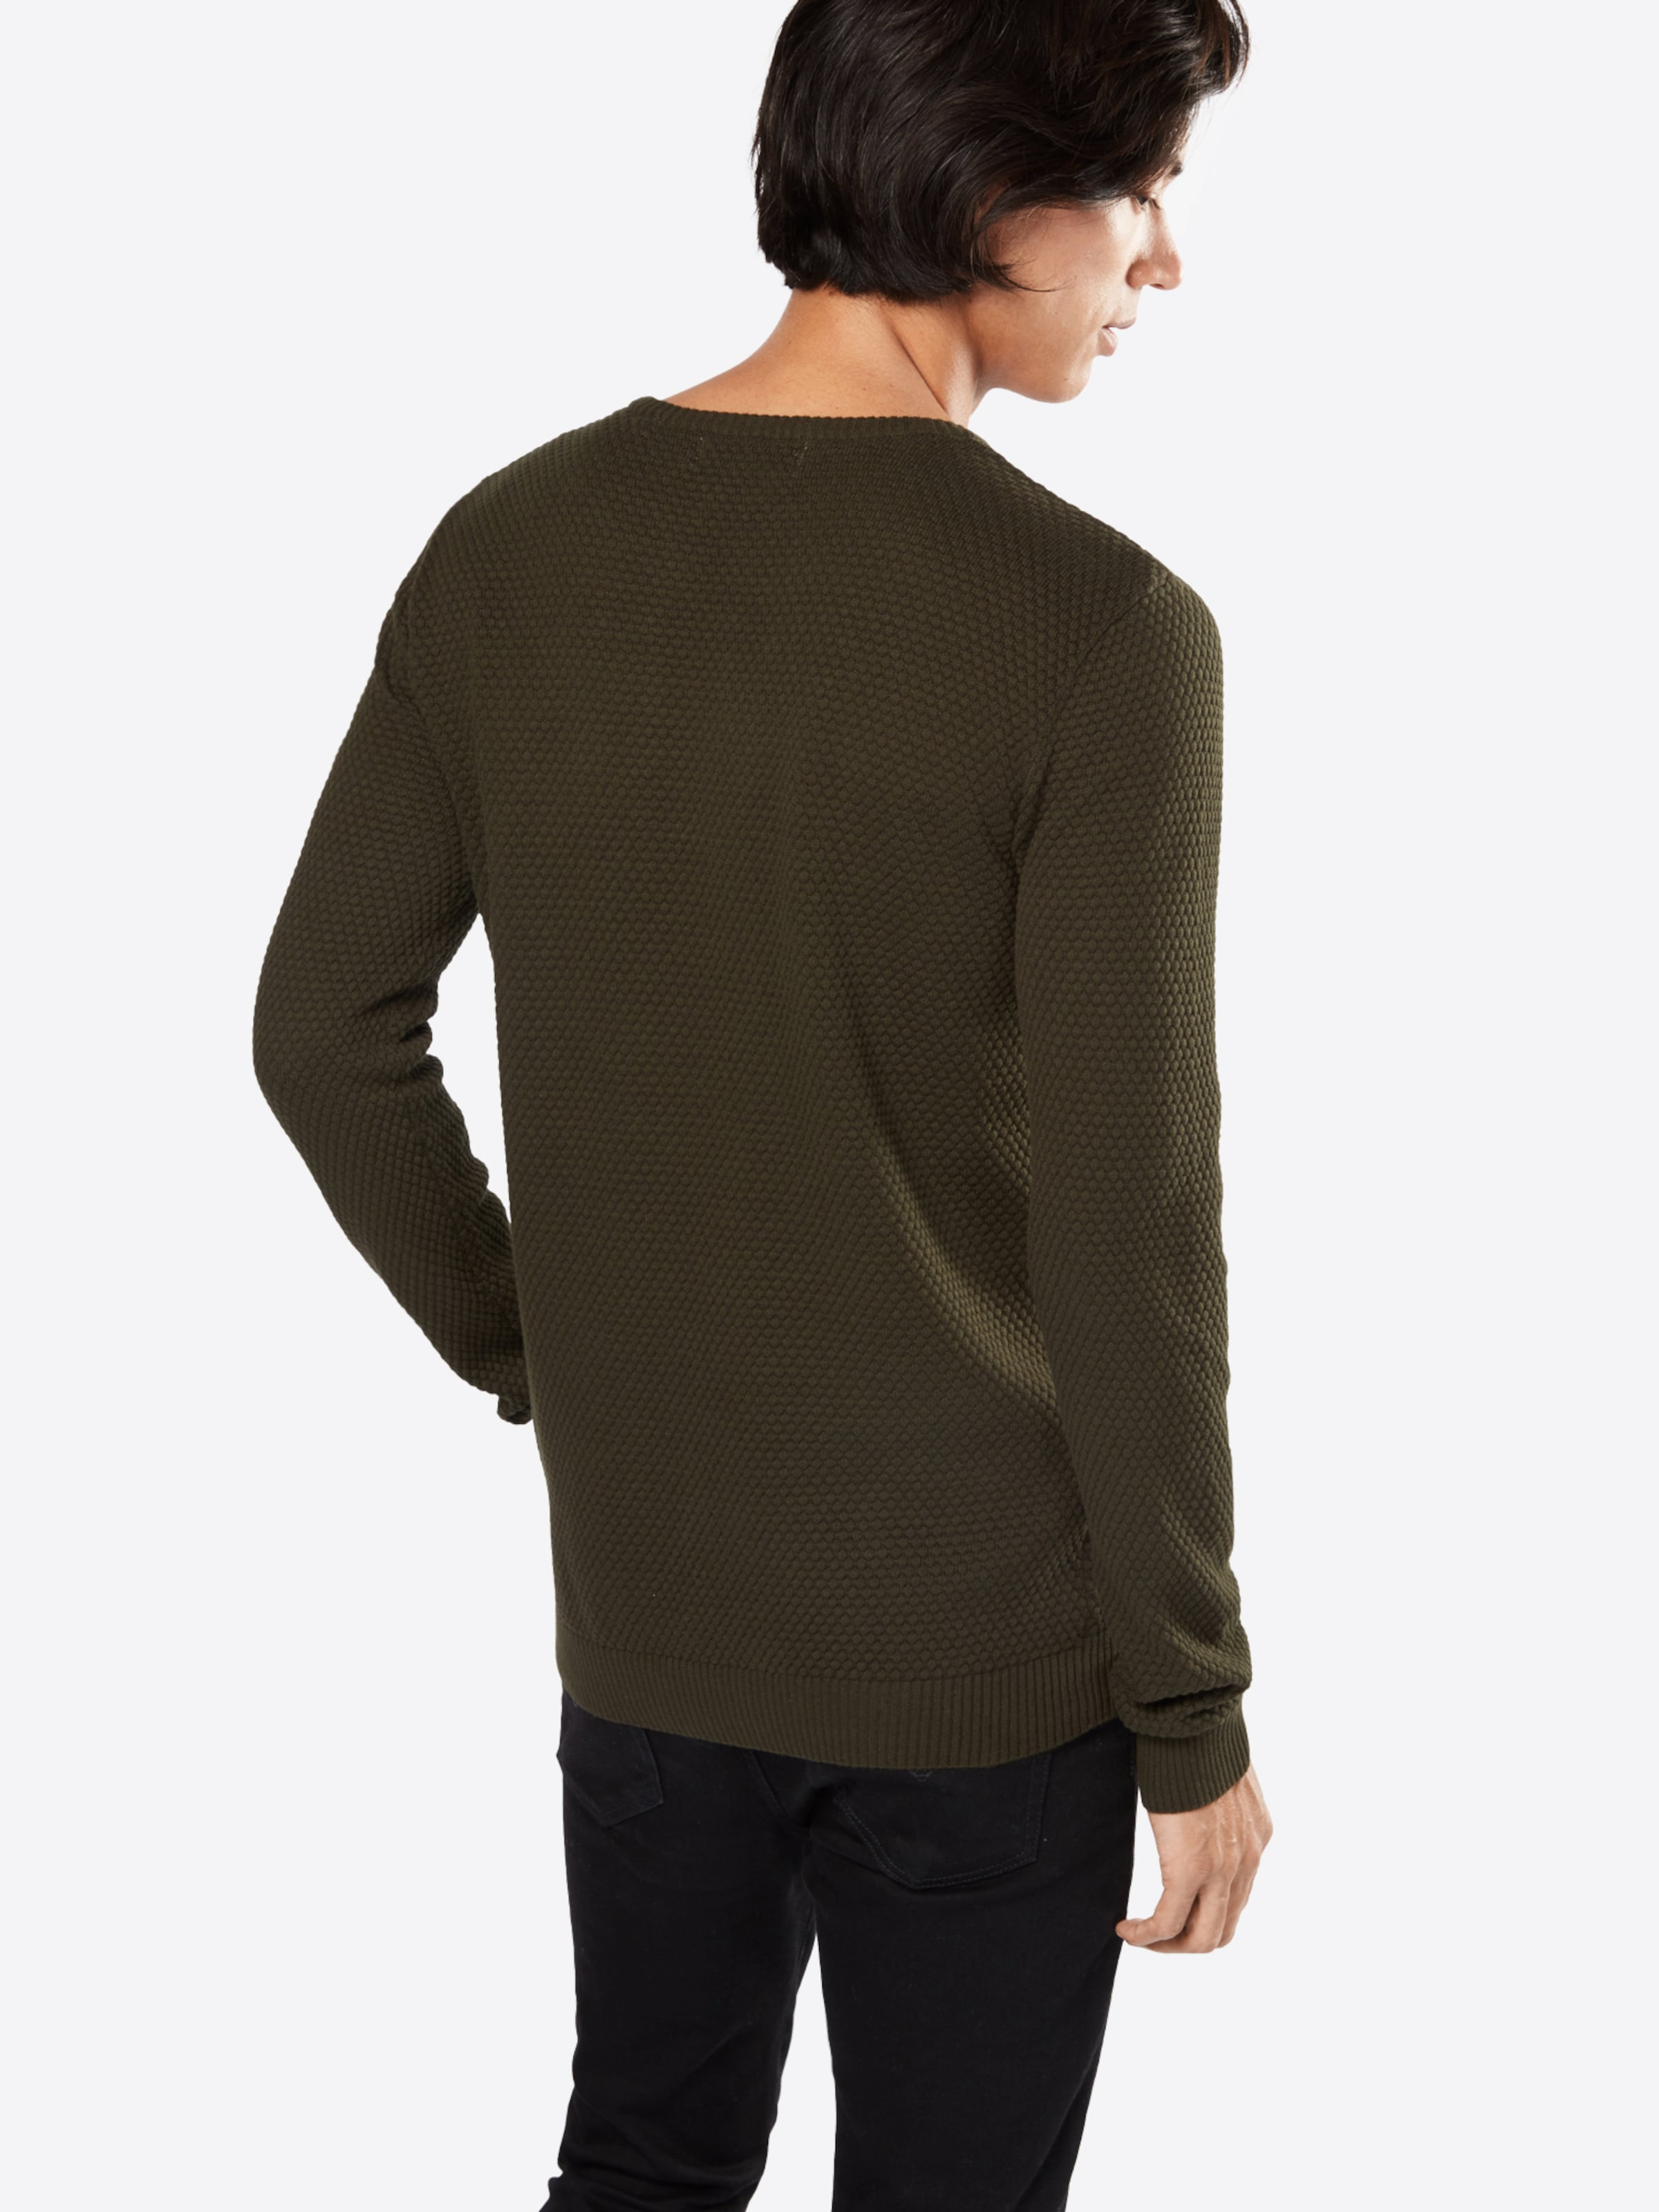 !Solid Pullover 'Gyden' Vorbestellung Für Verkauf Countdown-Paket Zum Verkauf Factory-Outlet-Verkauf Empfehlen Günstig Online Verkauf Von Top-Qualität VNH1K